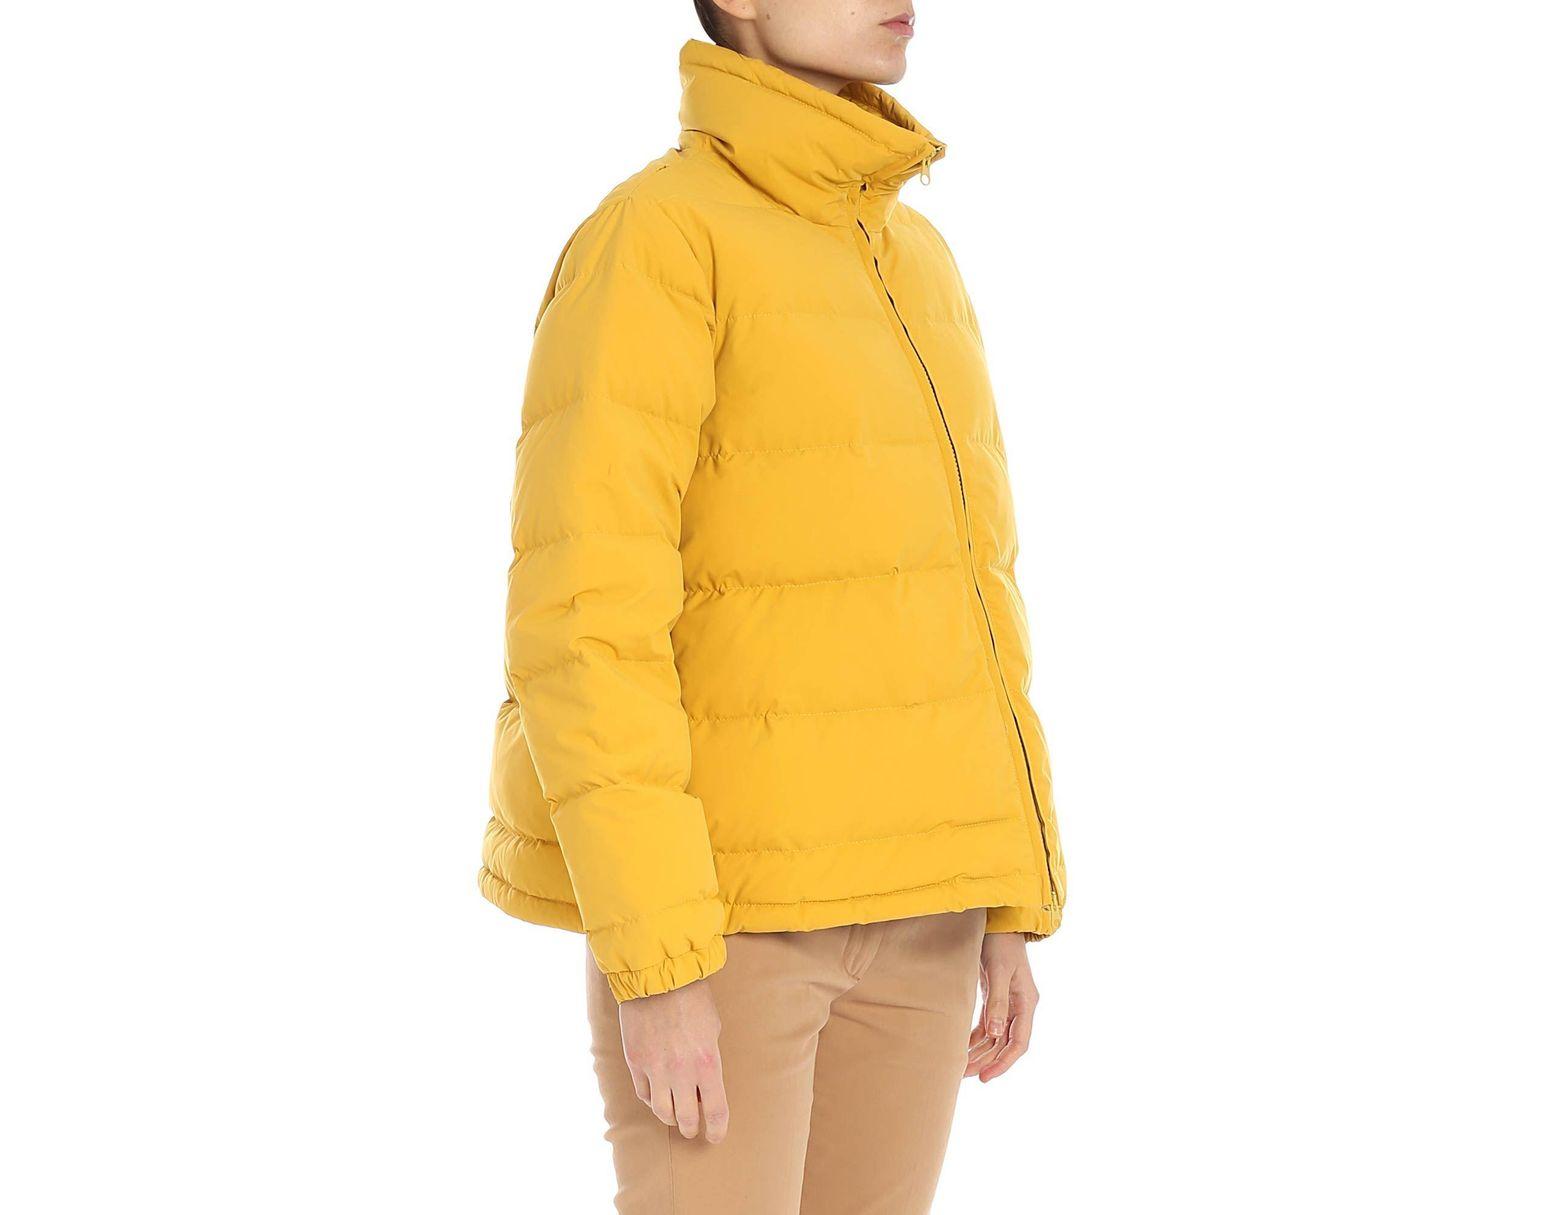 Women's Yellow